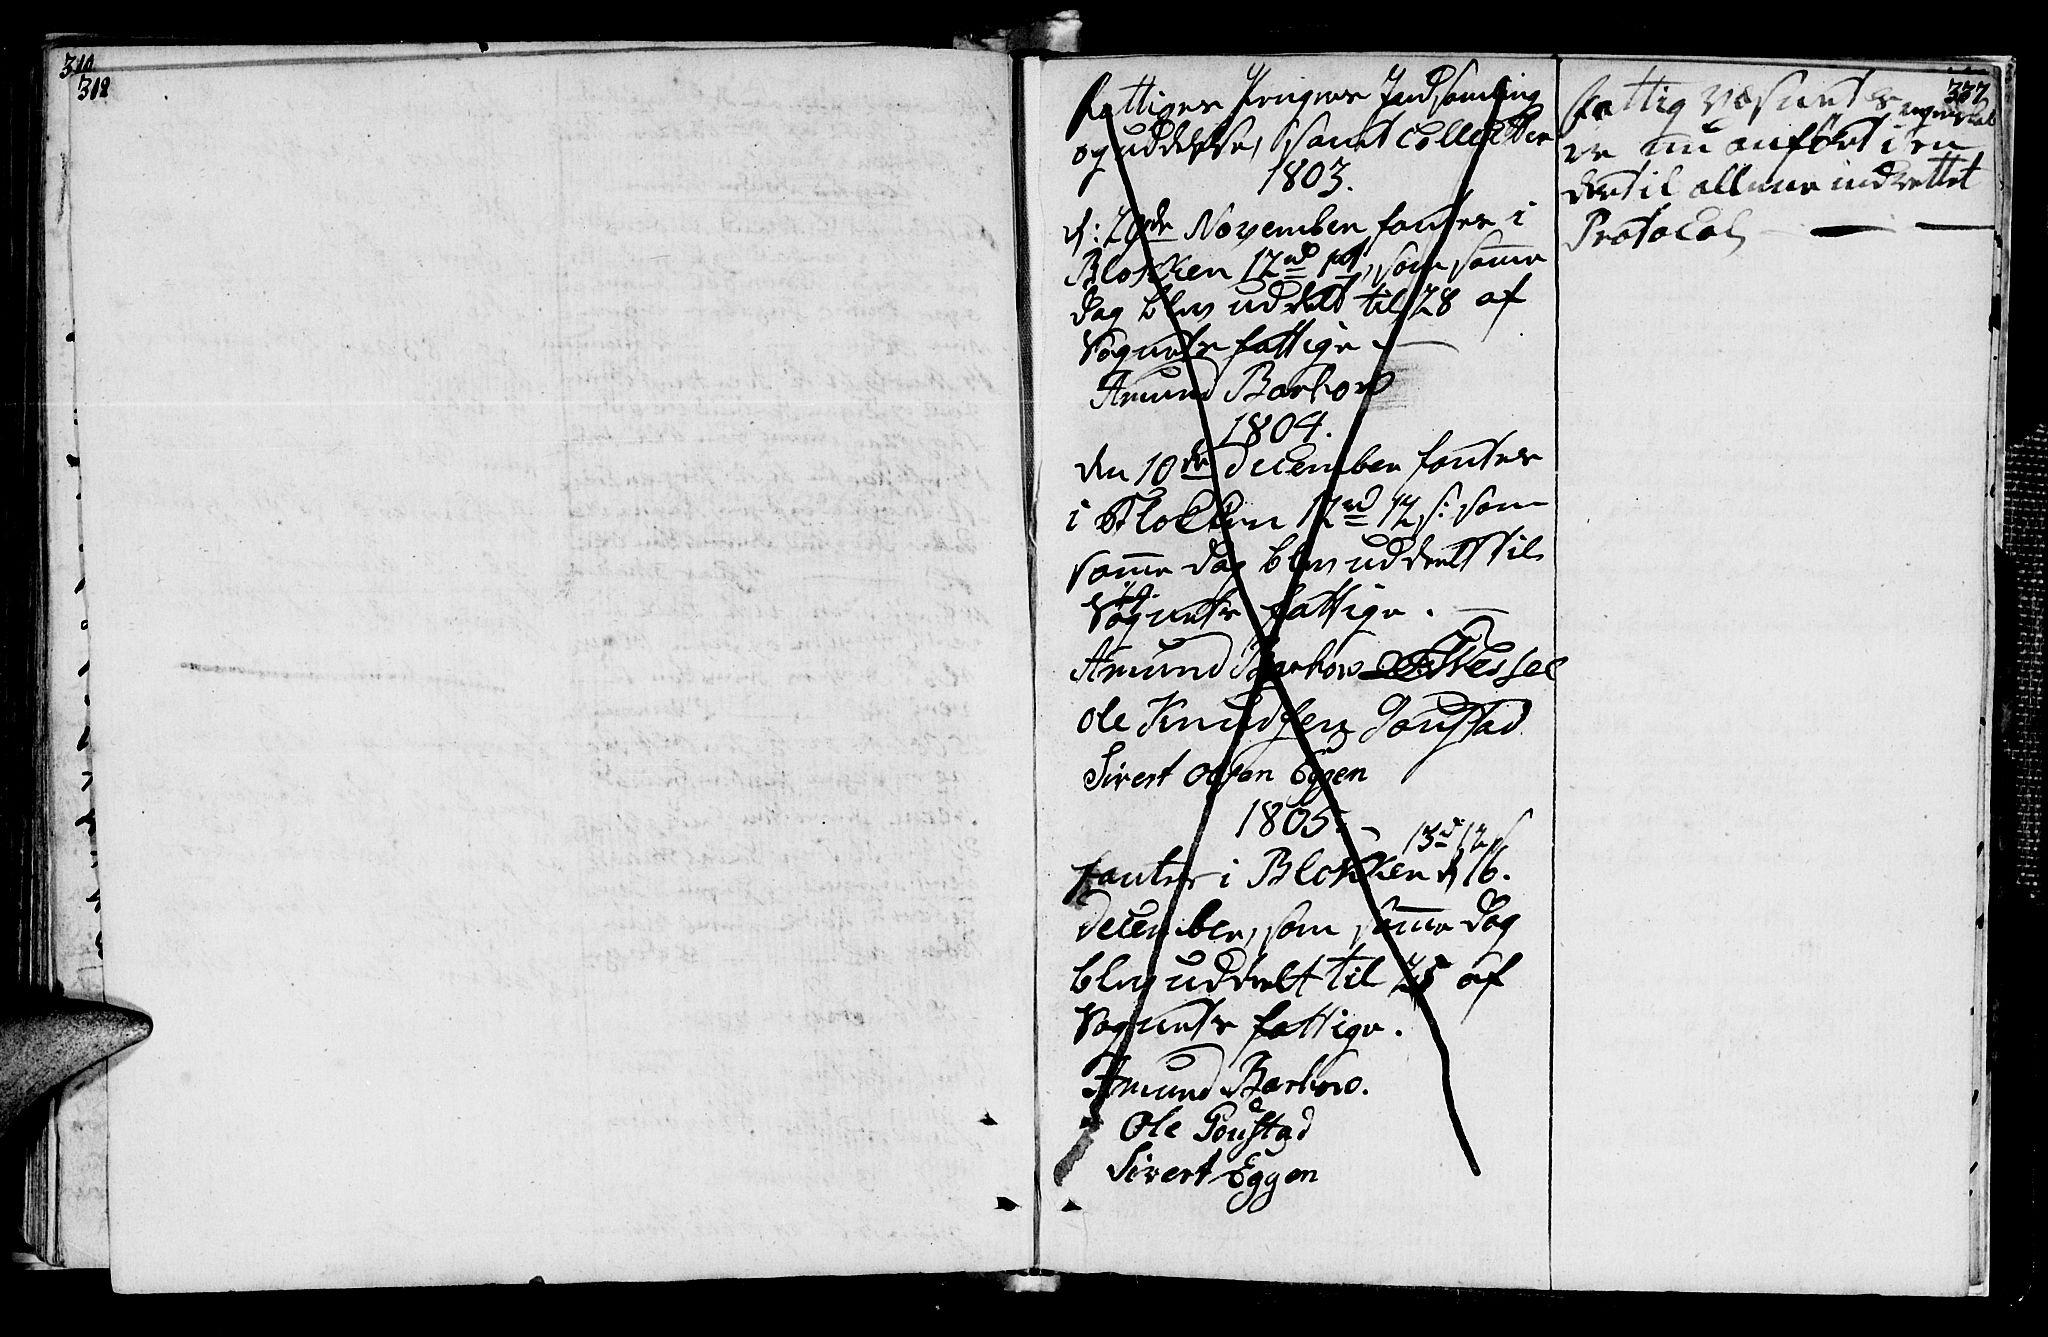 SAT, Ministerialprotokoller, klokkerbøker og fødselsregistre - Sør-Trøndelag, 612/L0371: Ministerialbok nr. 612A05, 1803-1816, s. 312-337